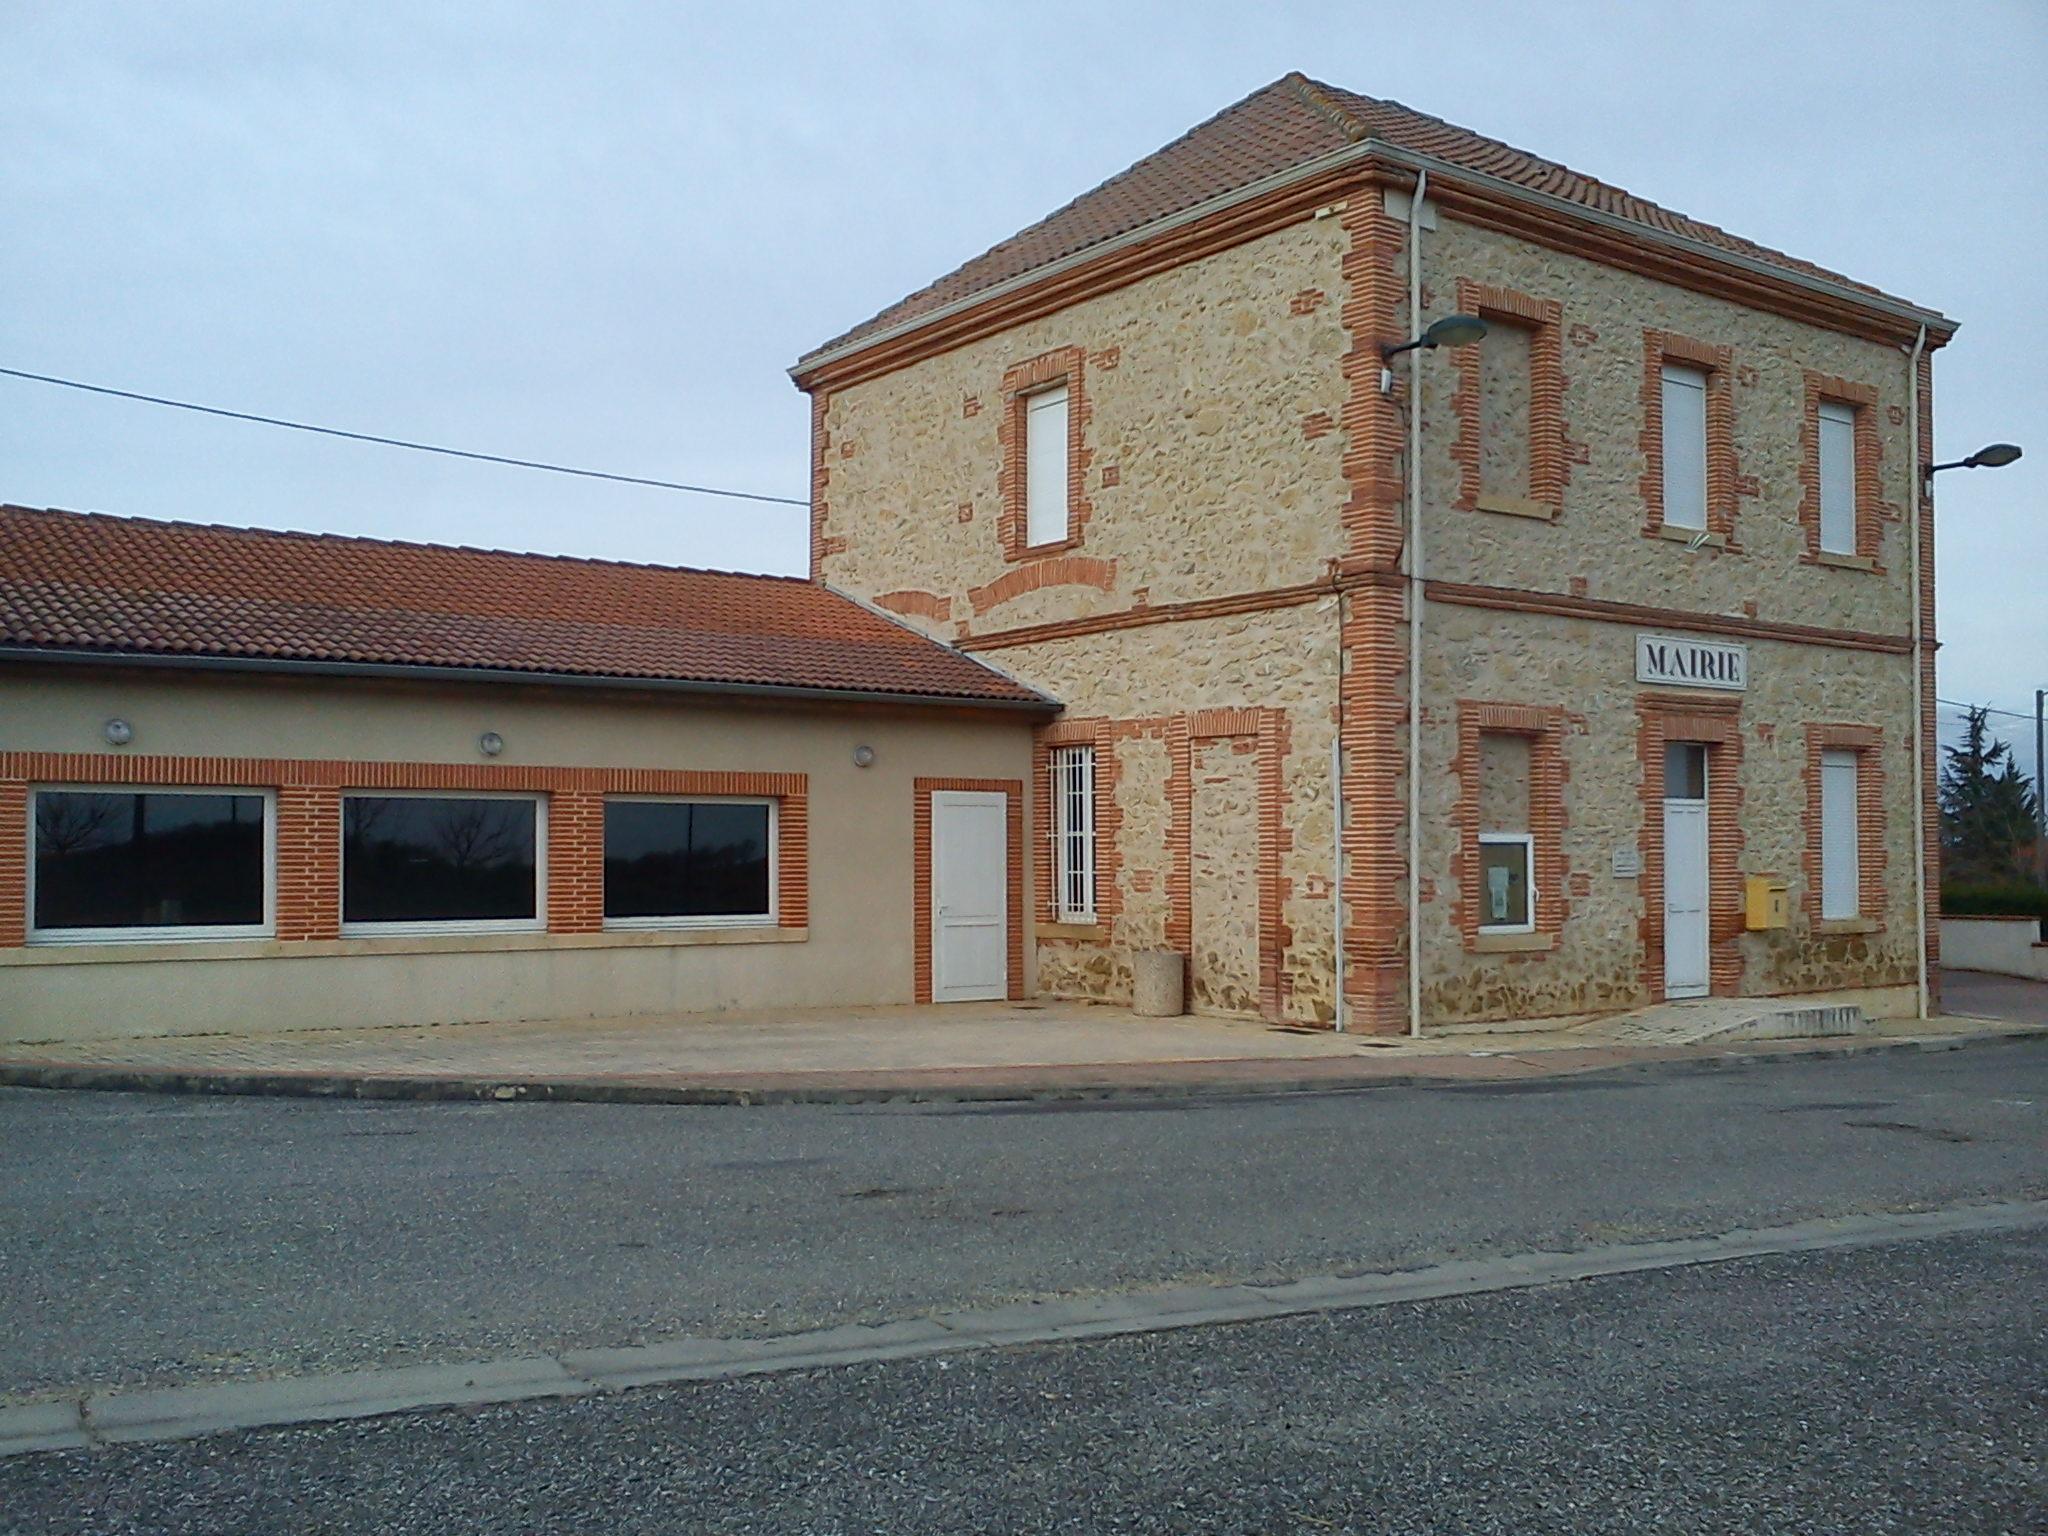 Polastron (Garona Garaia)